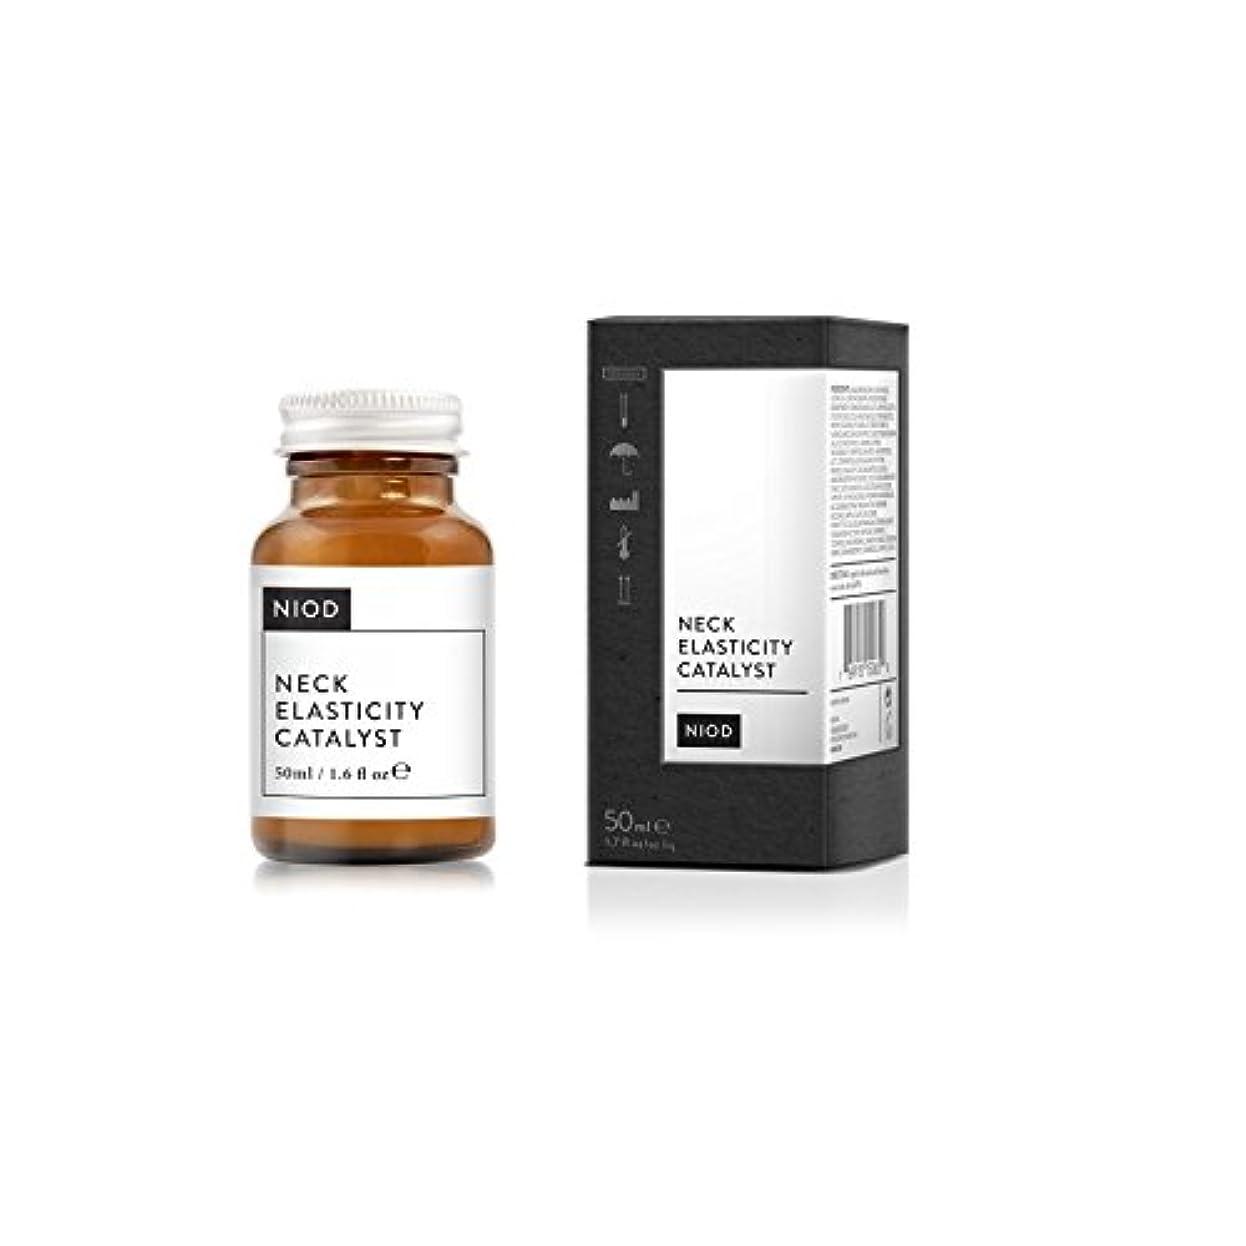 準備した司書興奮Niod Elasticity Catalyst Neck Serum 50ml (Pack of 6) - 弾力性触媒の首血清50ミリリットル x6 [並行輸入品]